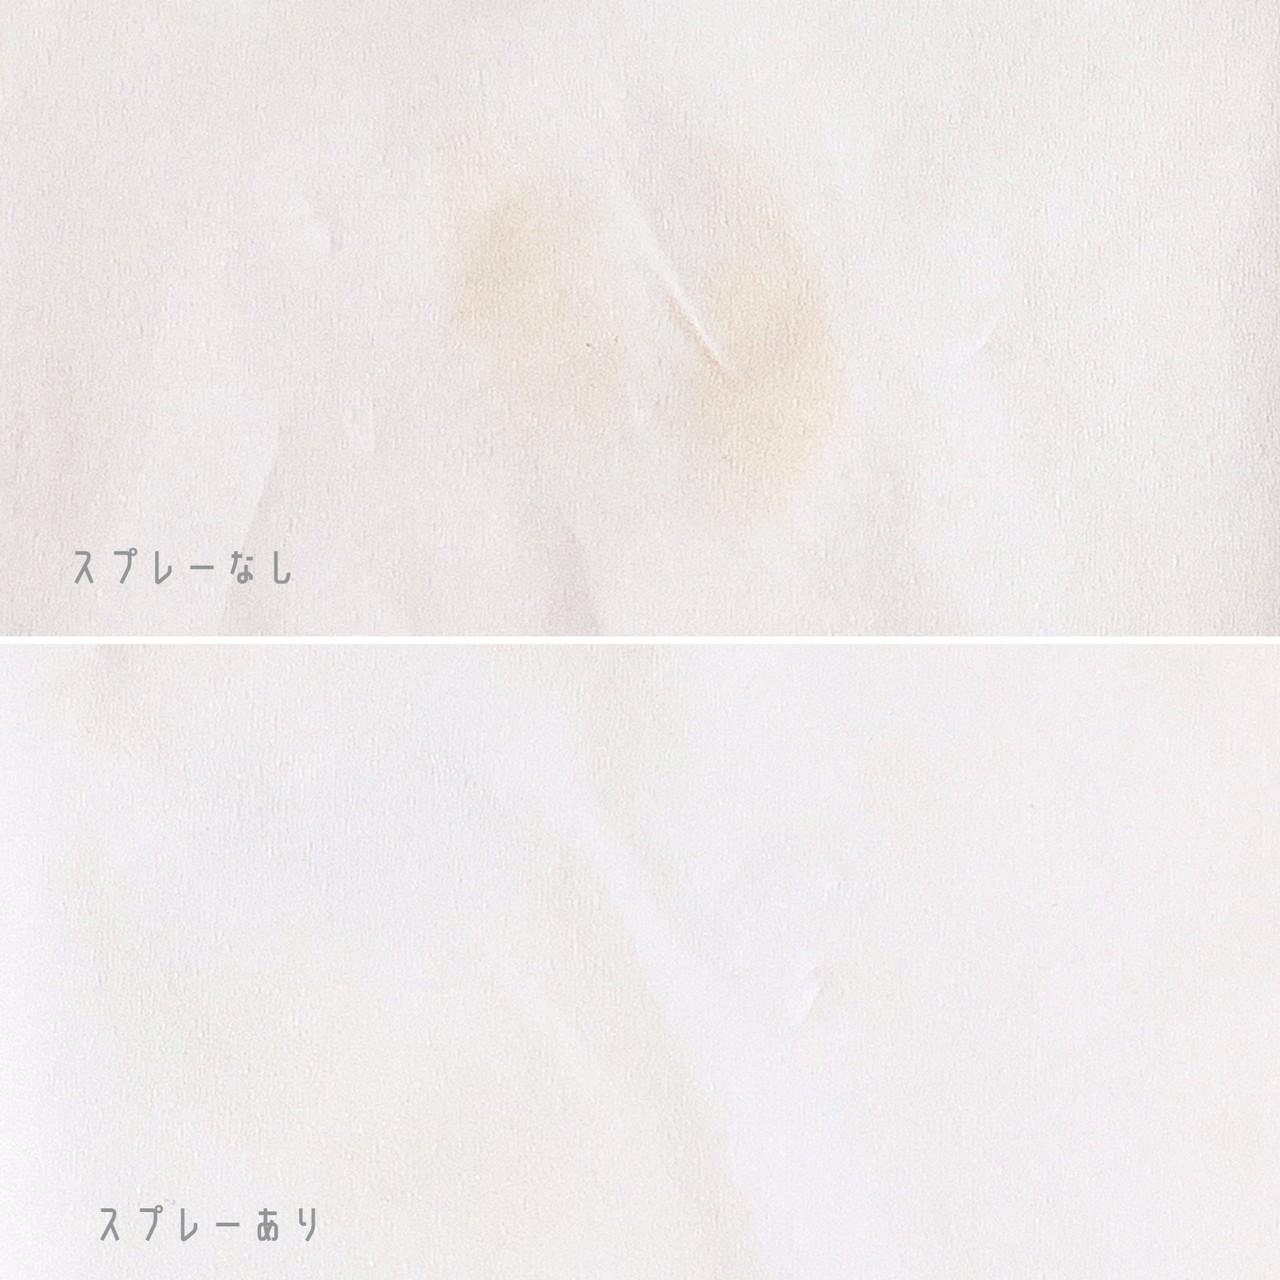 コロナ対策におすすめの崩れない美人見えメイク方法とおすすめコスメ5選紹介の画像